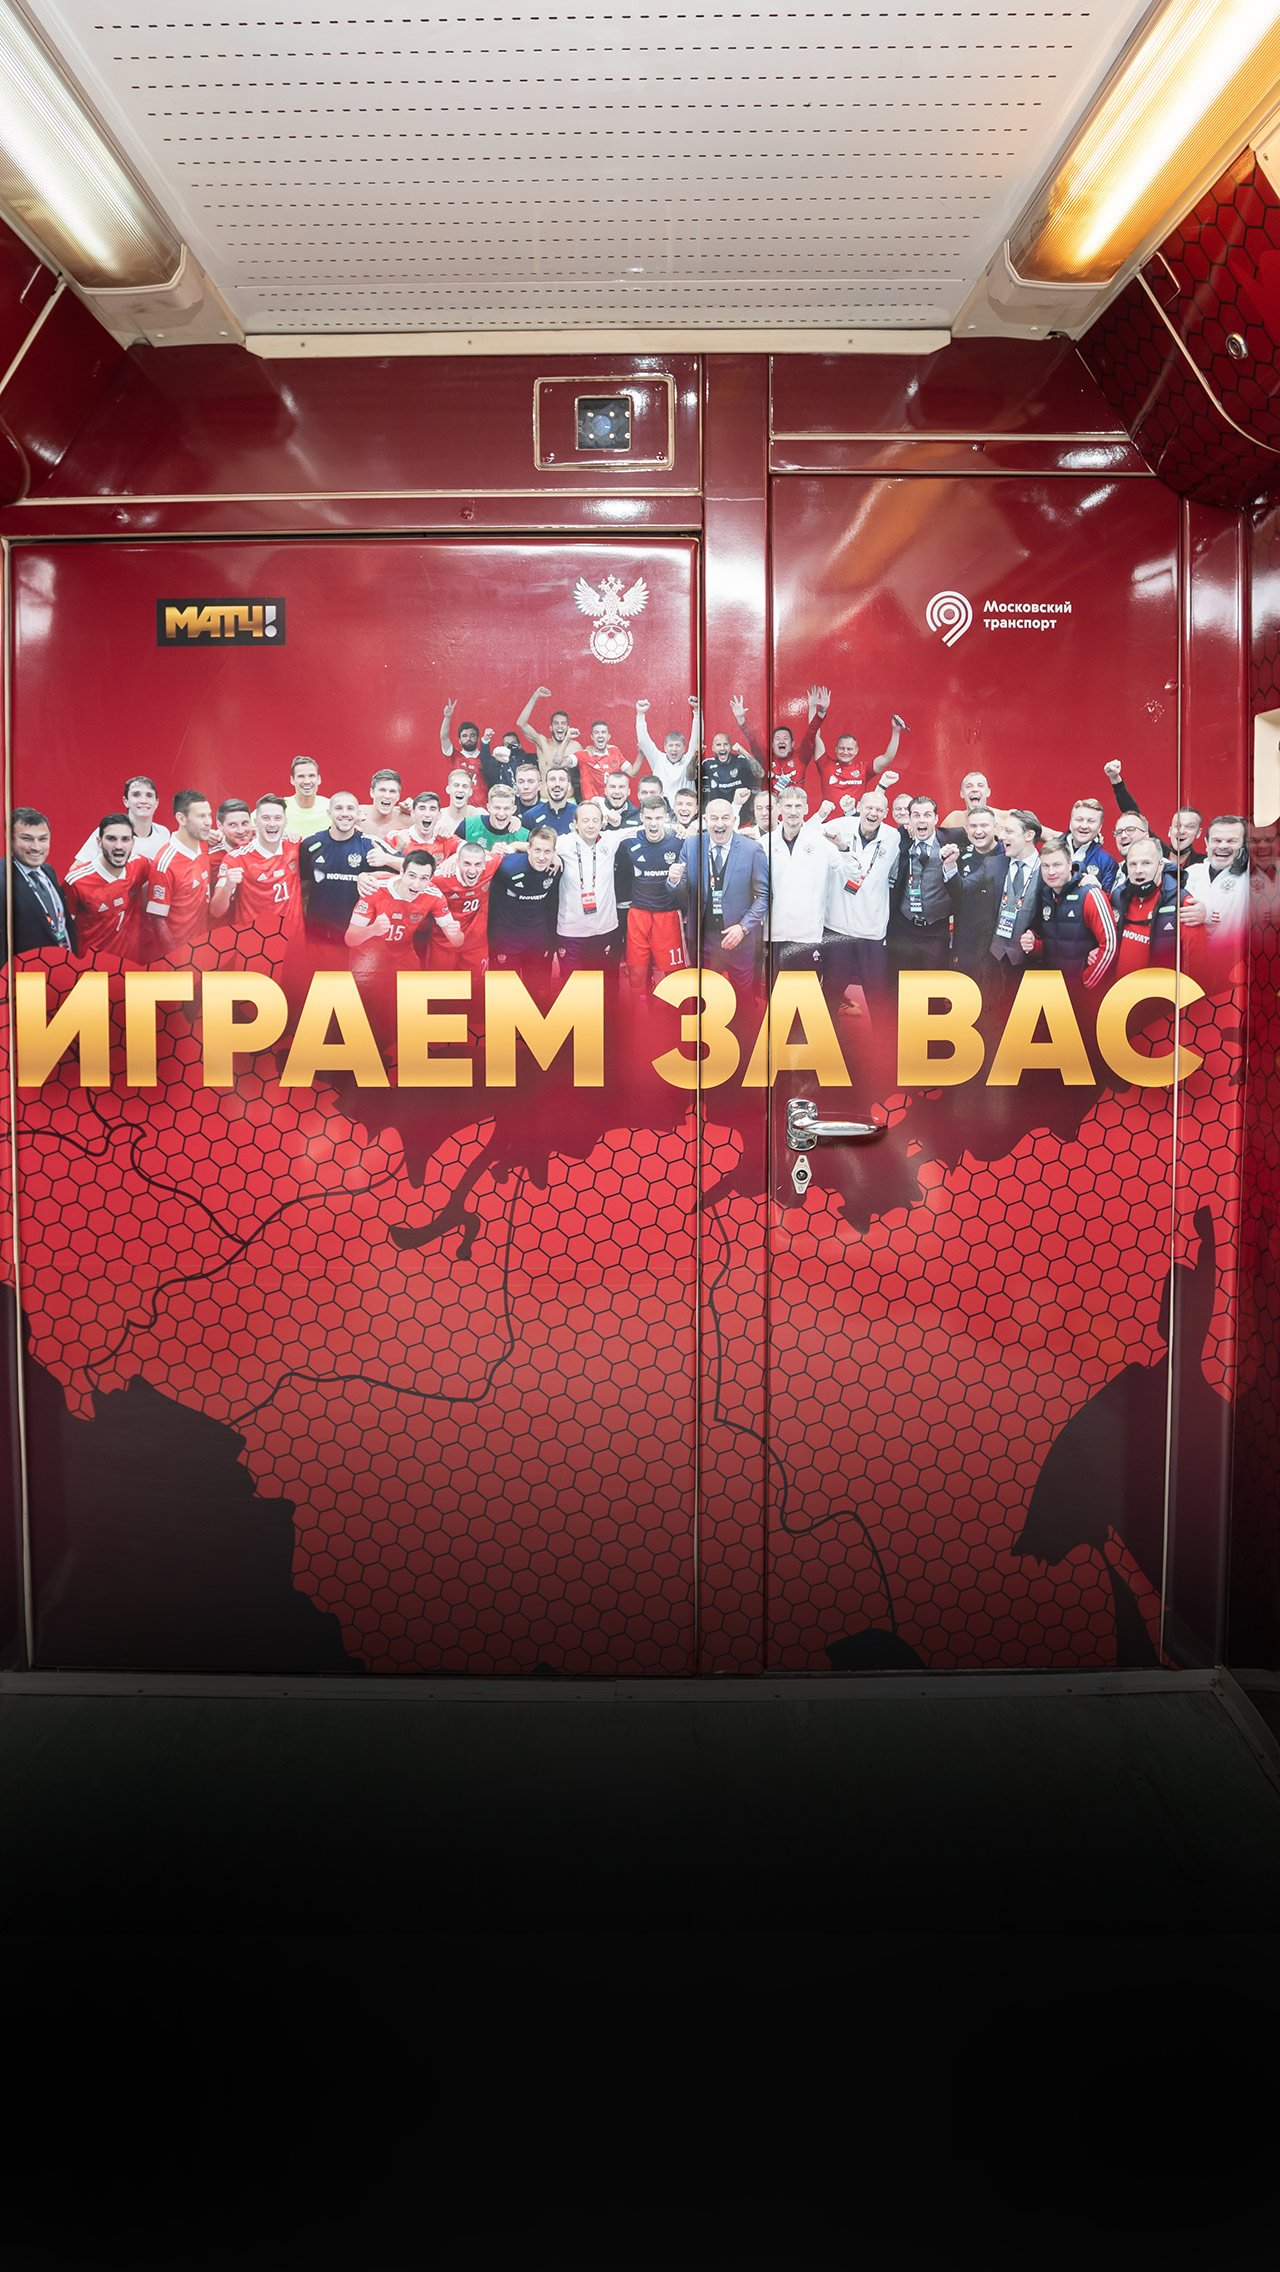 На стенах — лозунг сборной России «Играем за вас».